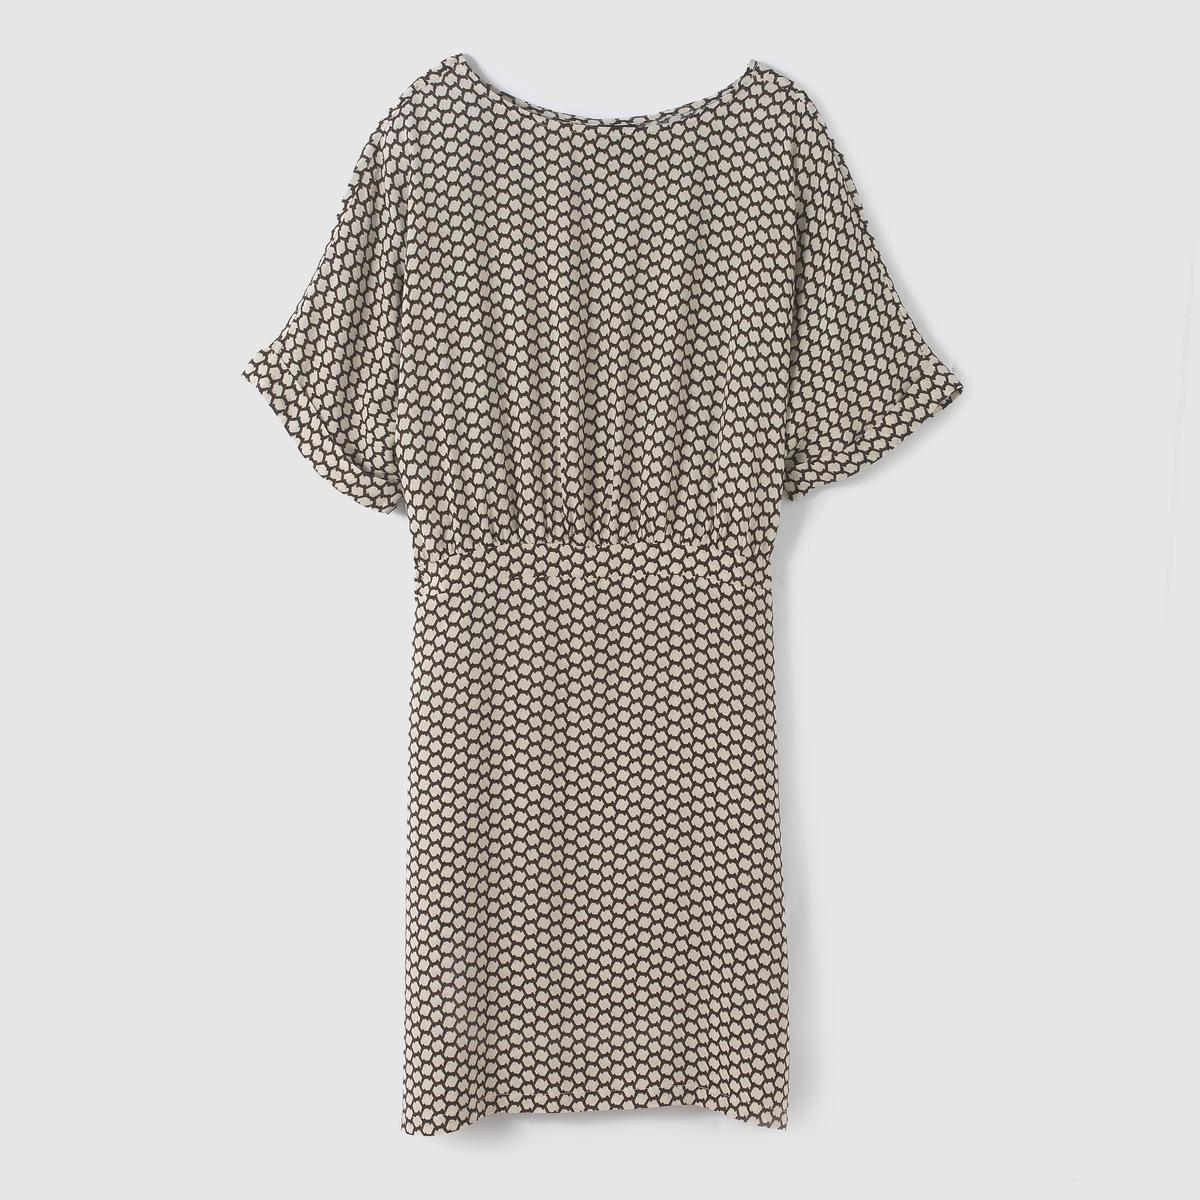 Платье струящееся с принтом JUNLY DRESS платье струящееся с рисунком